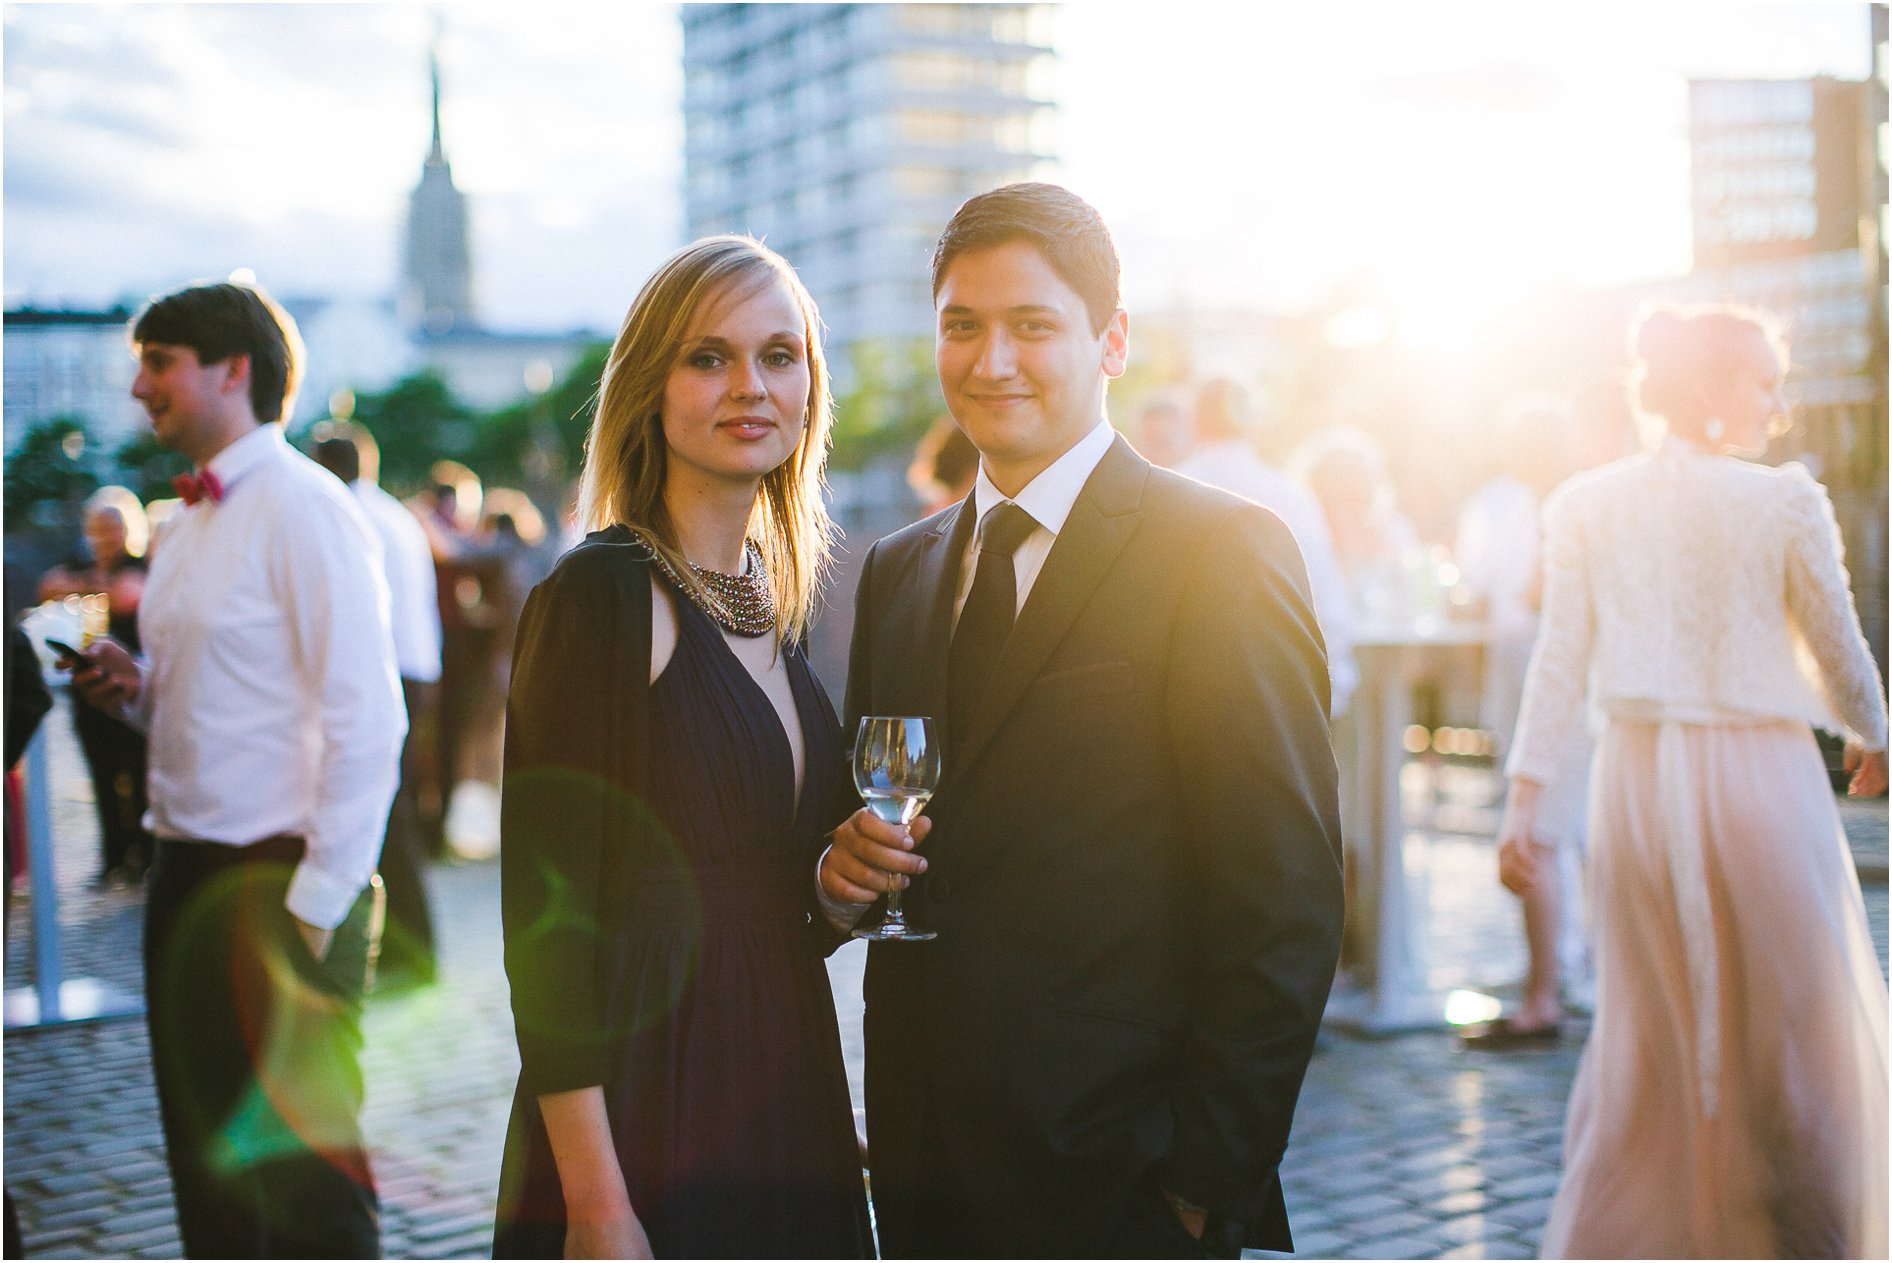 2014-07-16_0348 Über die Elbe mit Sarah & Benny